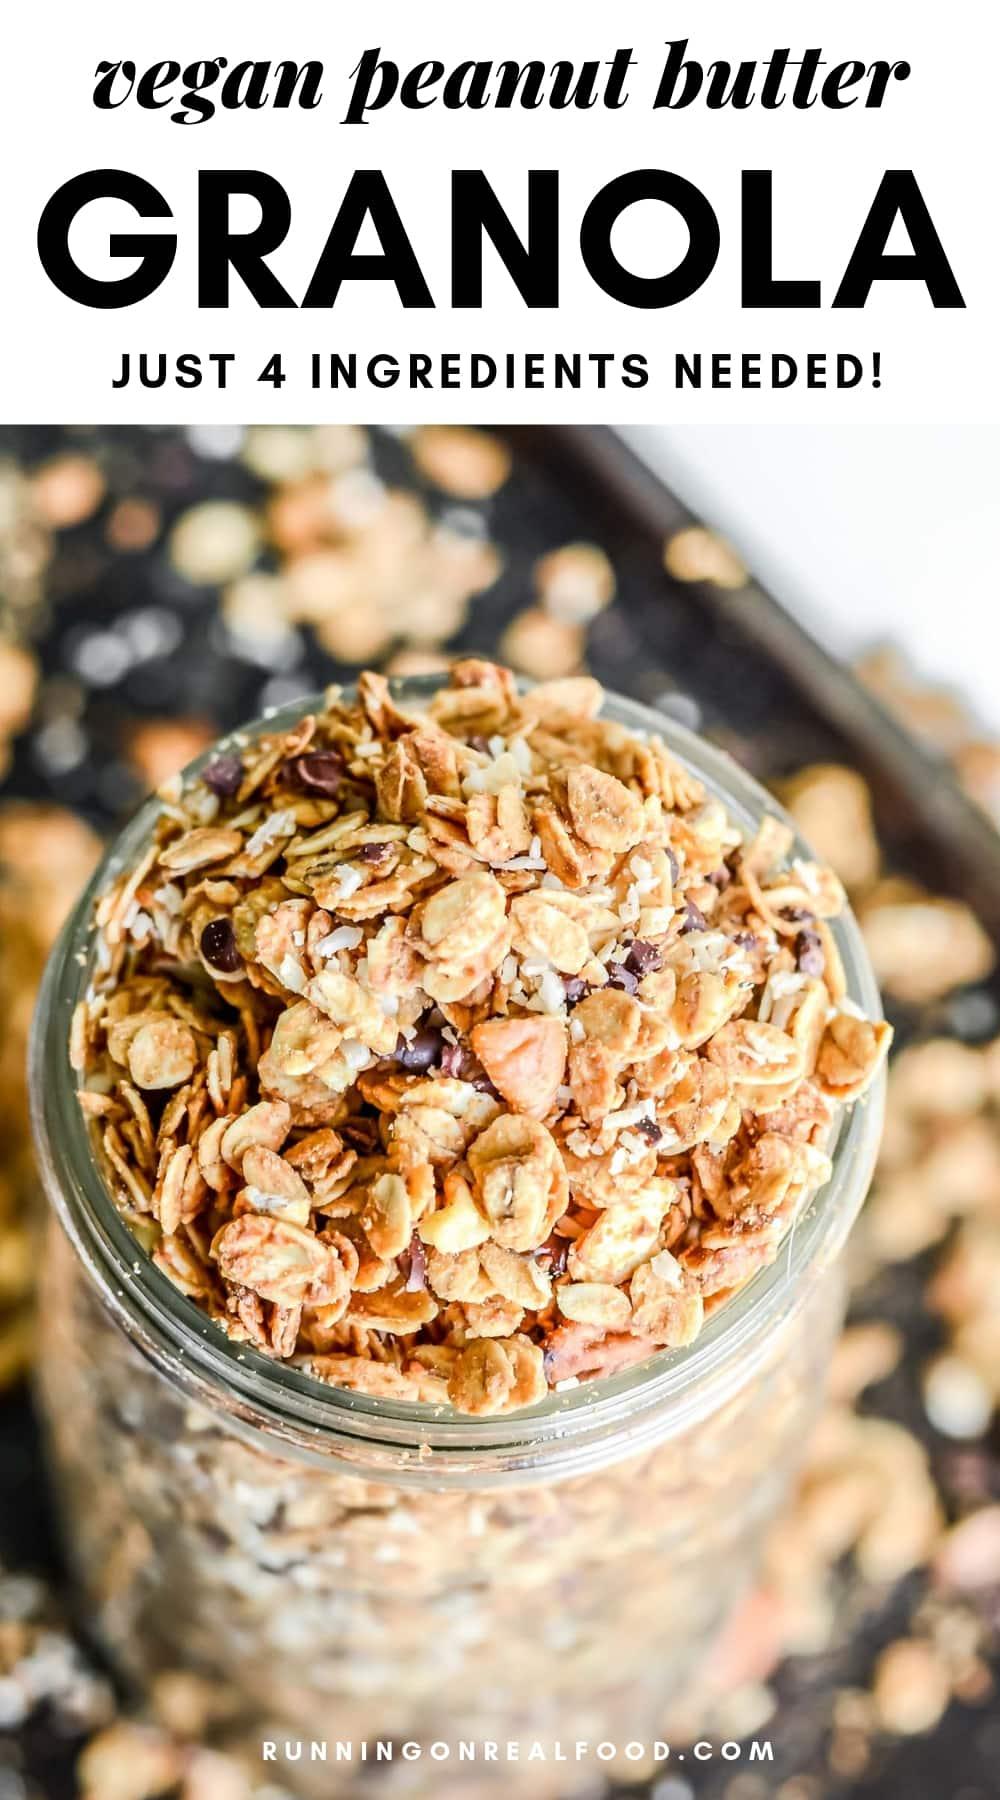 Pinterest image for vegan peanut butter granola.